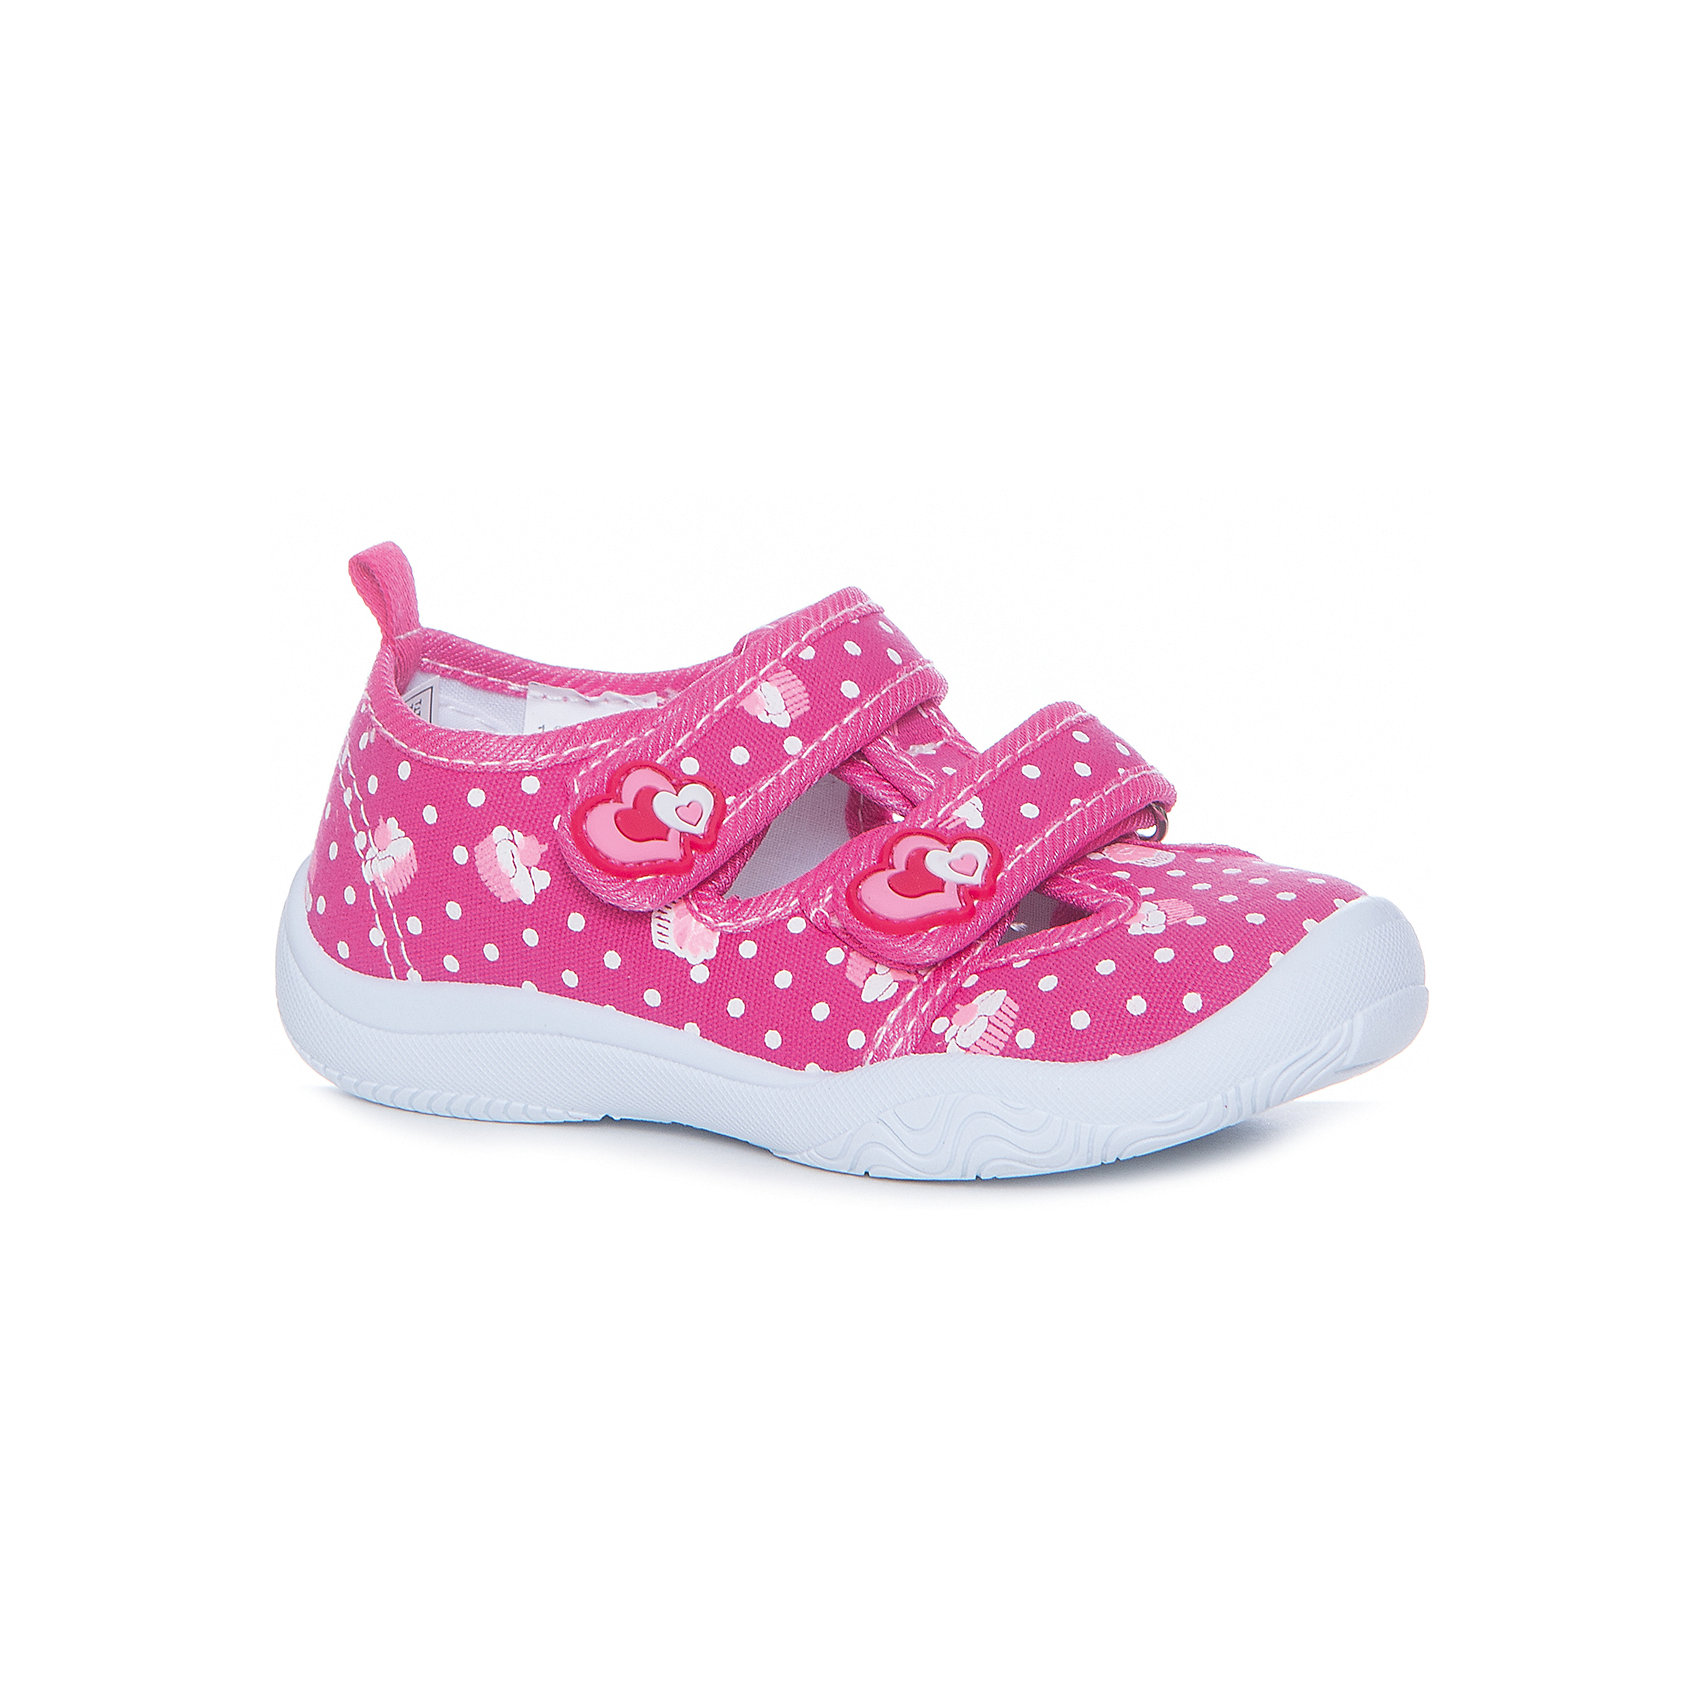 Сандалии для девочки MURSUОбувь<br>Текстильная обувь для девочки MURSU<br>Состав: <br>Материал верха: хлопок; Материал подкладки: хлопок; Материал подошвы: ПВХ; Материал стельки: натуральная кожа.<br><br>Ширина мм: 227<br>Глубина мм: 145<br>Высота мм: 124<br>Вес г: 325<br>Цвет: фуксия<br>Возраст от месяцев: 24<br>Возраст до месяцев: 24<br>Пол: Женский<br>Возраст: Детский<br>Размер: 25,22,23,24,20,21<br>SKU: 5325695